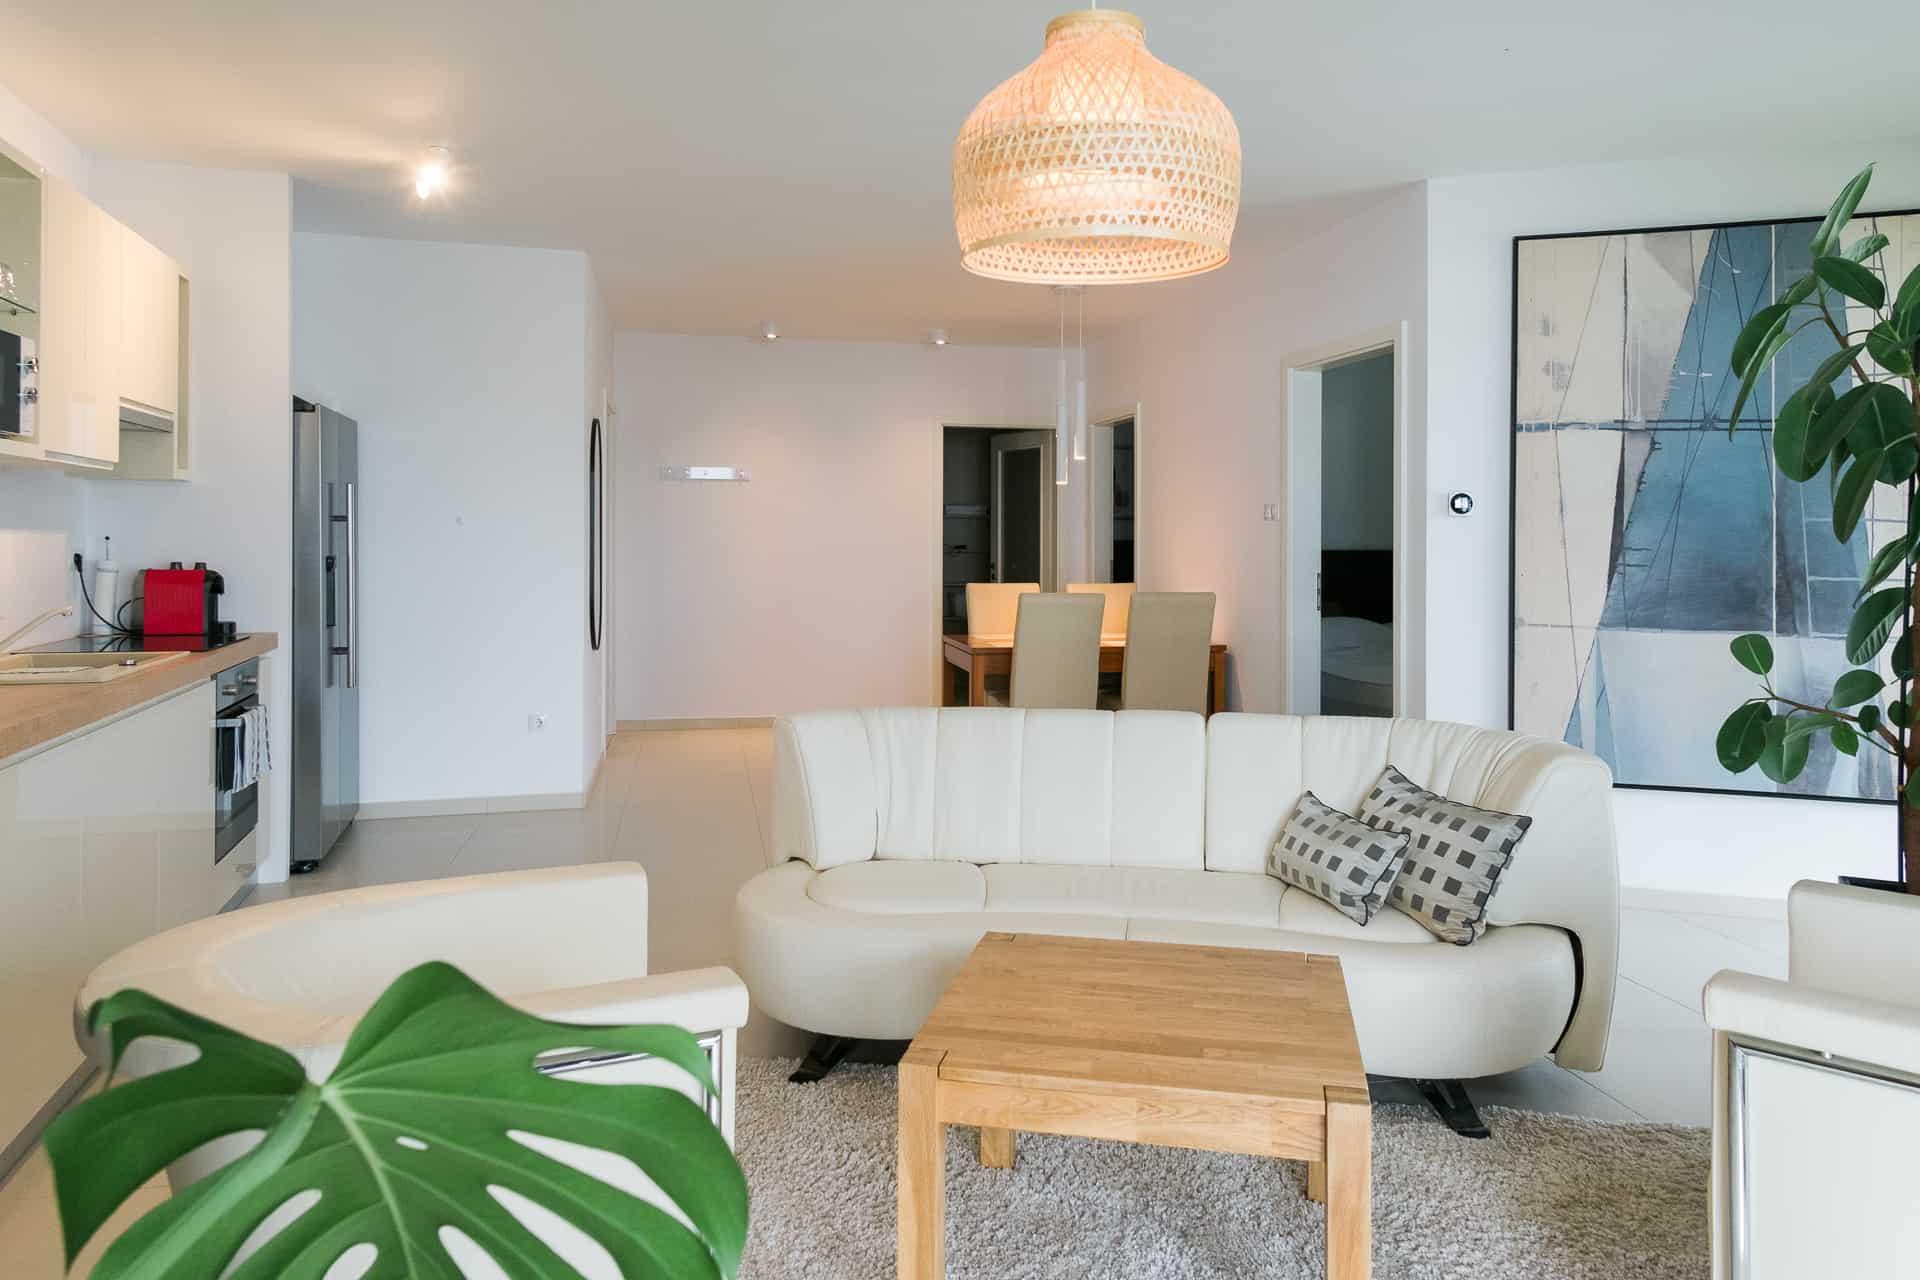 Vízparti balatoni panorámás Apartmanok Keszthely - nappali , háló, érkező és konyha.